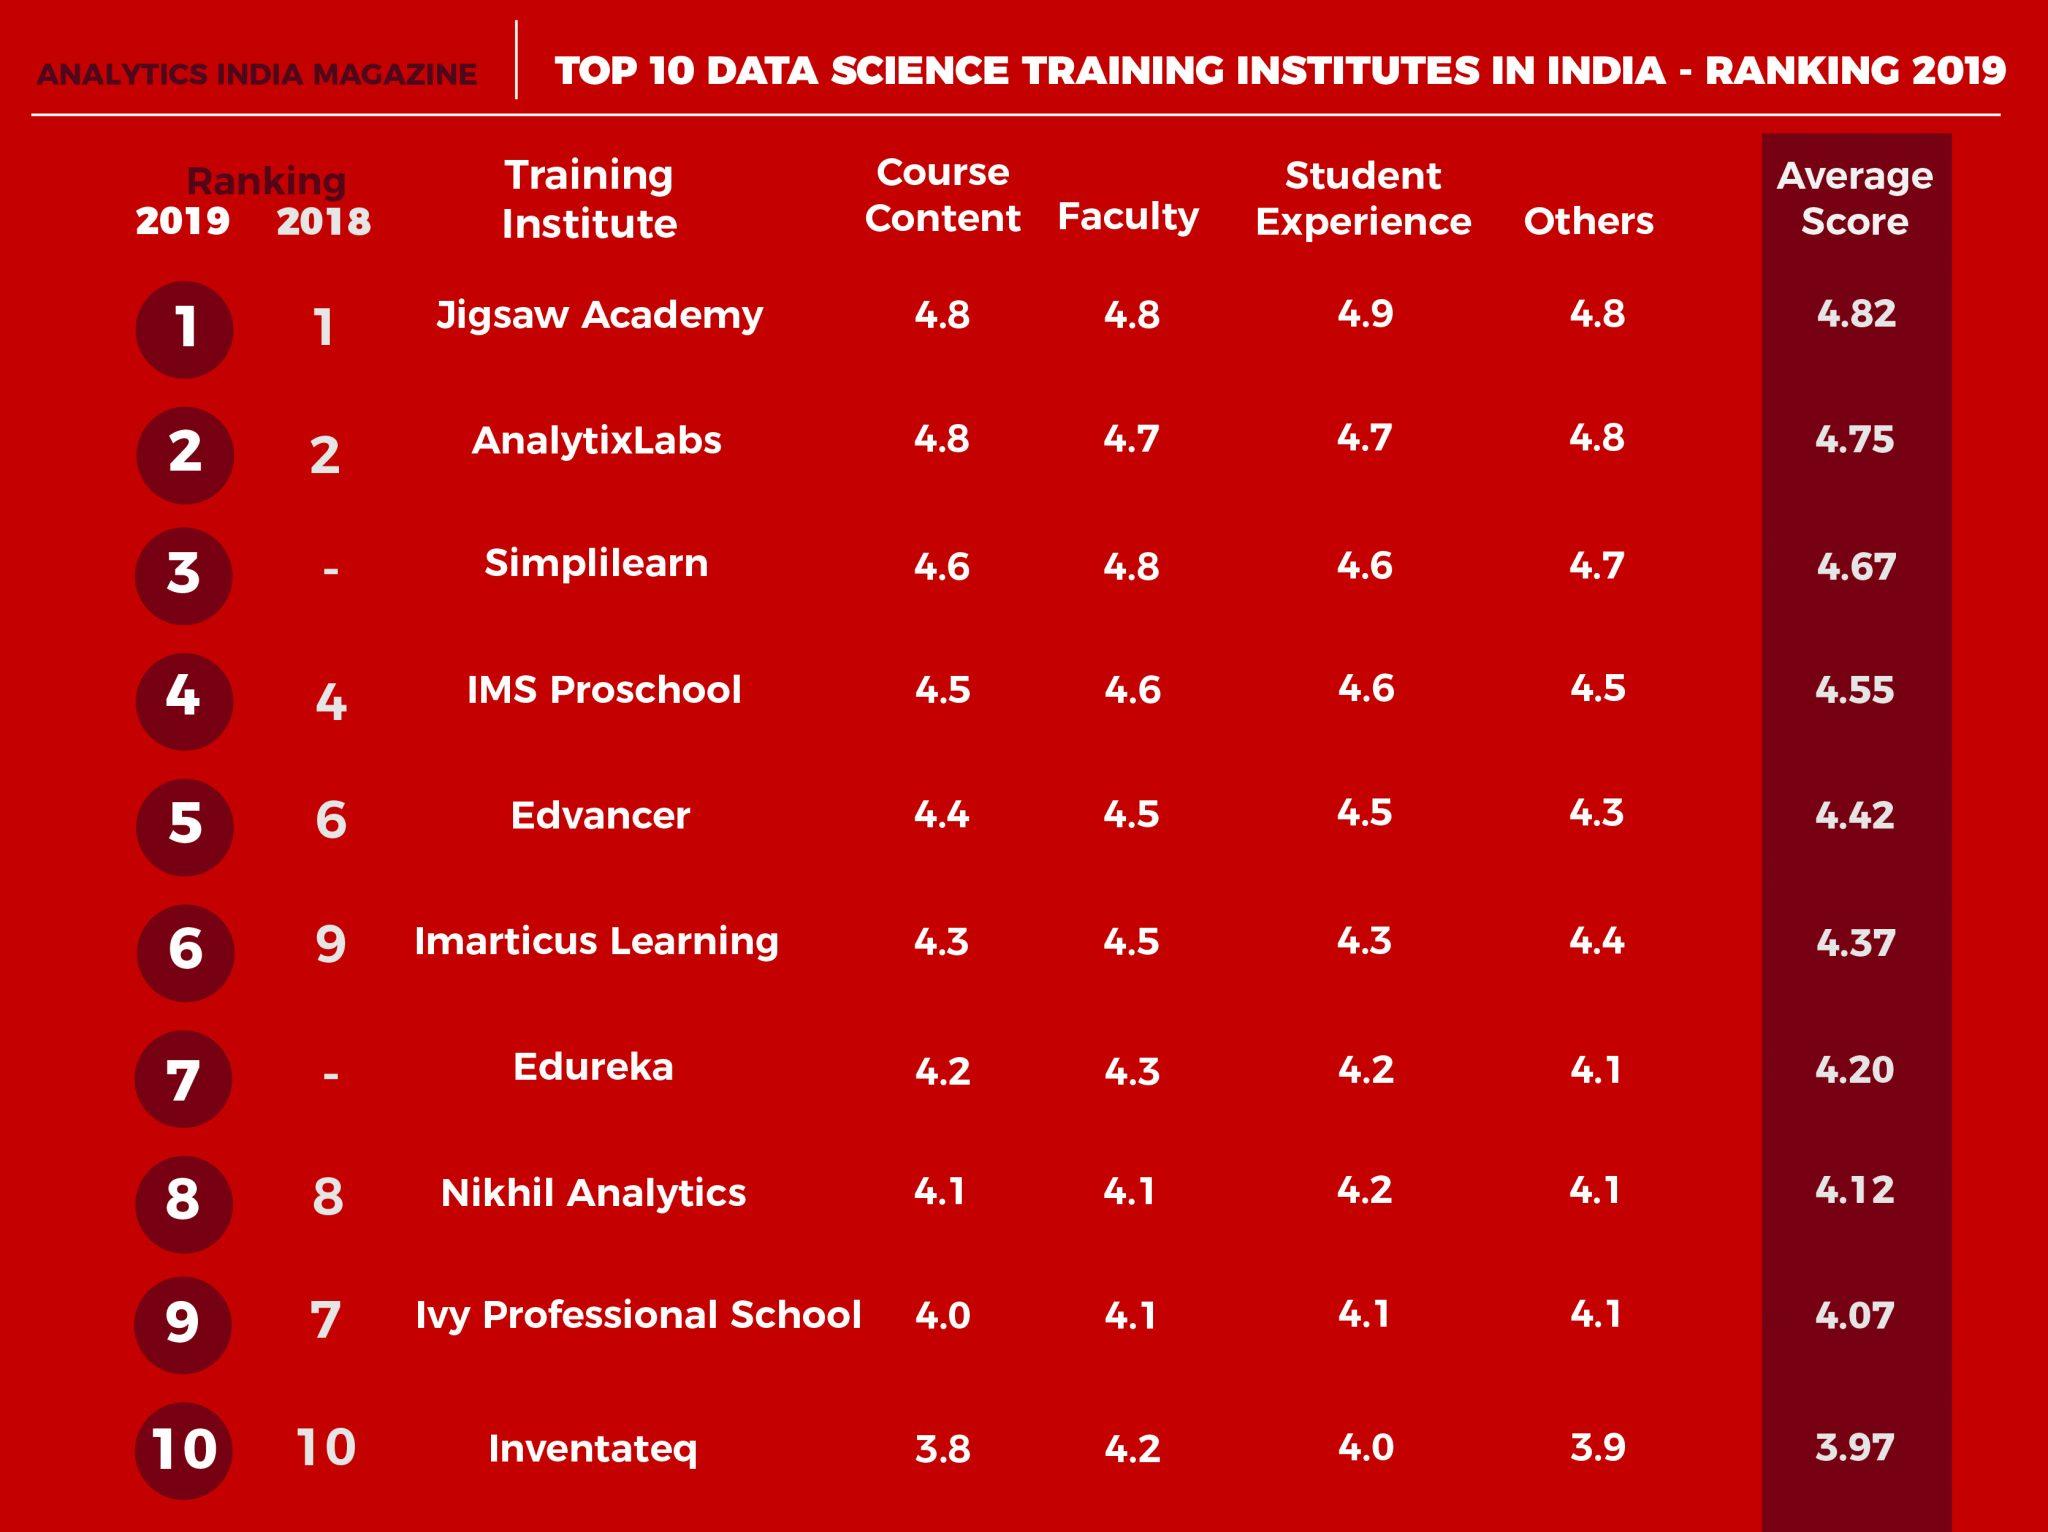 Top 10 Data Science Training Institutes In India Ranking 2019